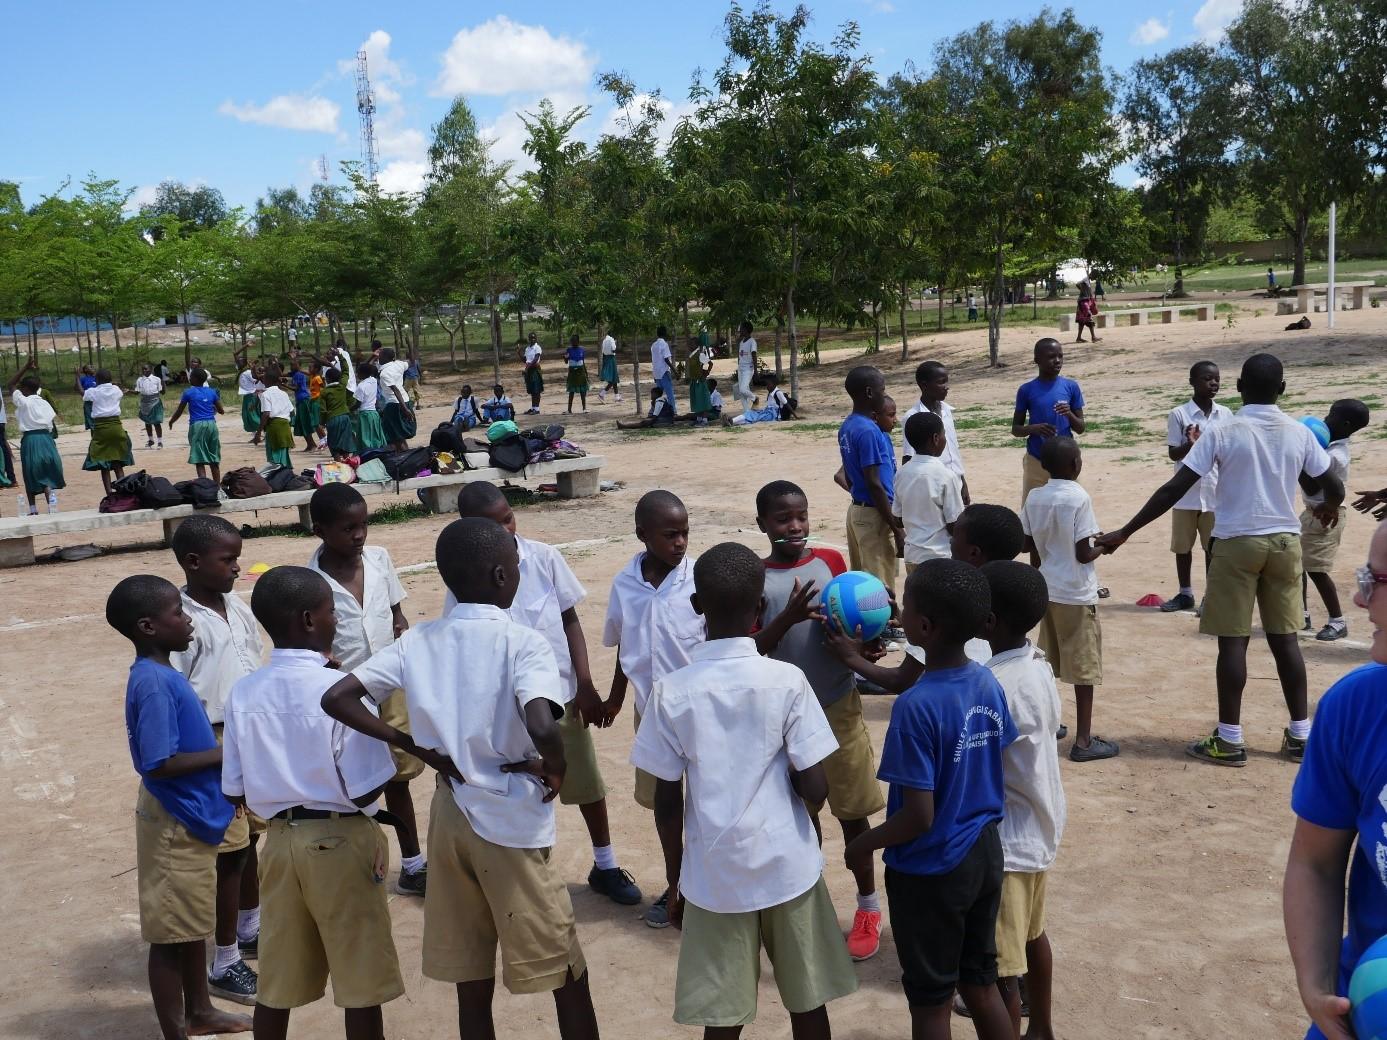 Lors de l'une des actions, les jeunes ont du encadrer plus de 200 enfants, et avec seulement 10 ballons, ils s'en sont tout de même sortie! (c) BBB France